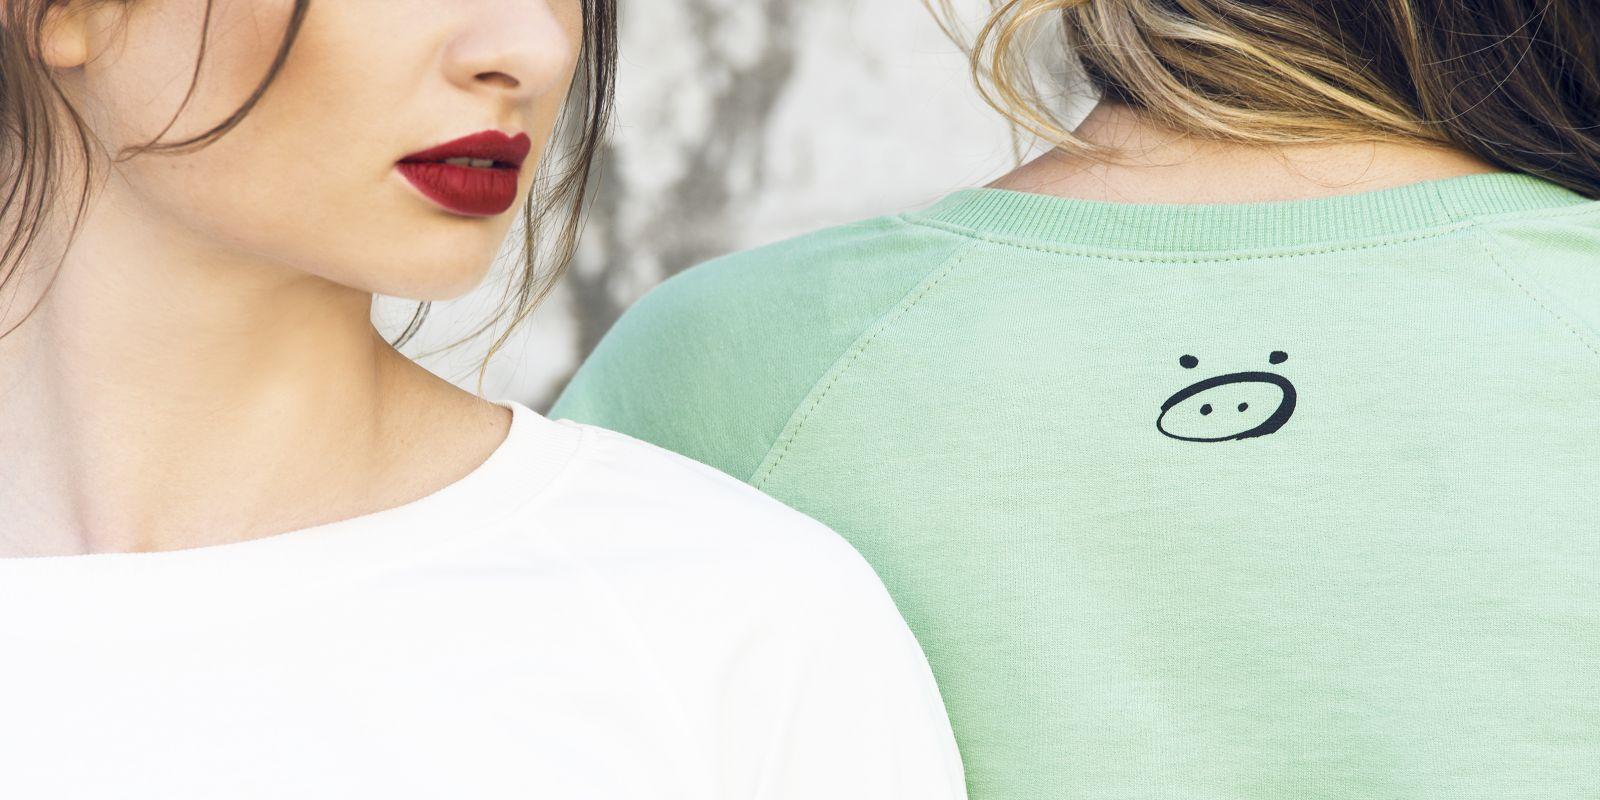 Как создать модный бренд с продажи футболок: опыт Холостячки Анны Селюковой - фото №4